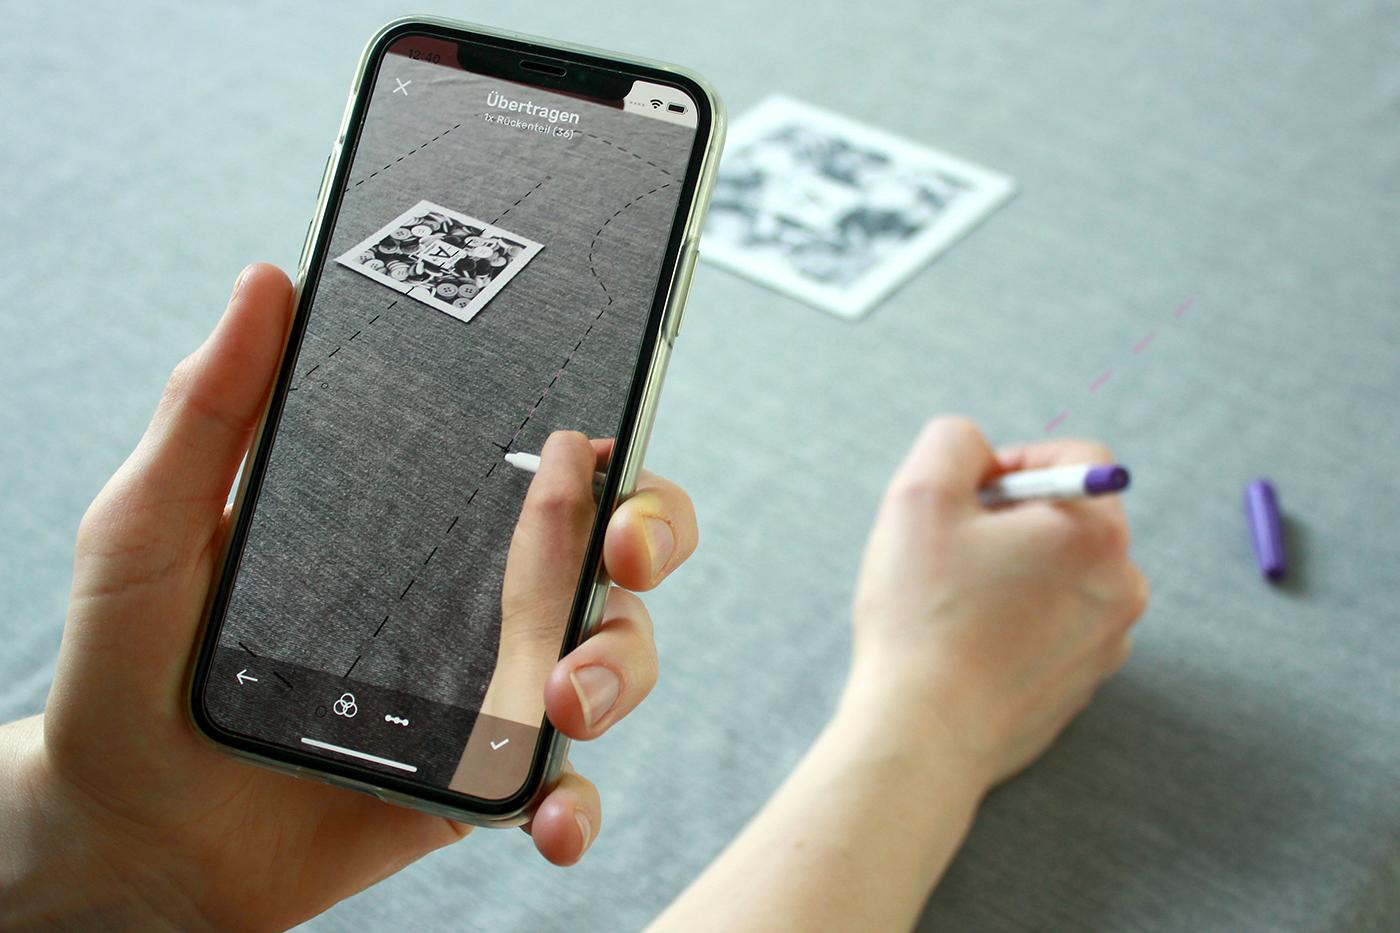 Pattarina App im Einsatz – Schnittmuster mit Augmented Reality übertragen